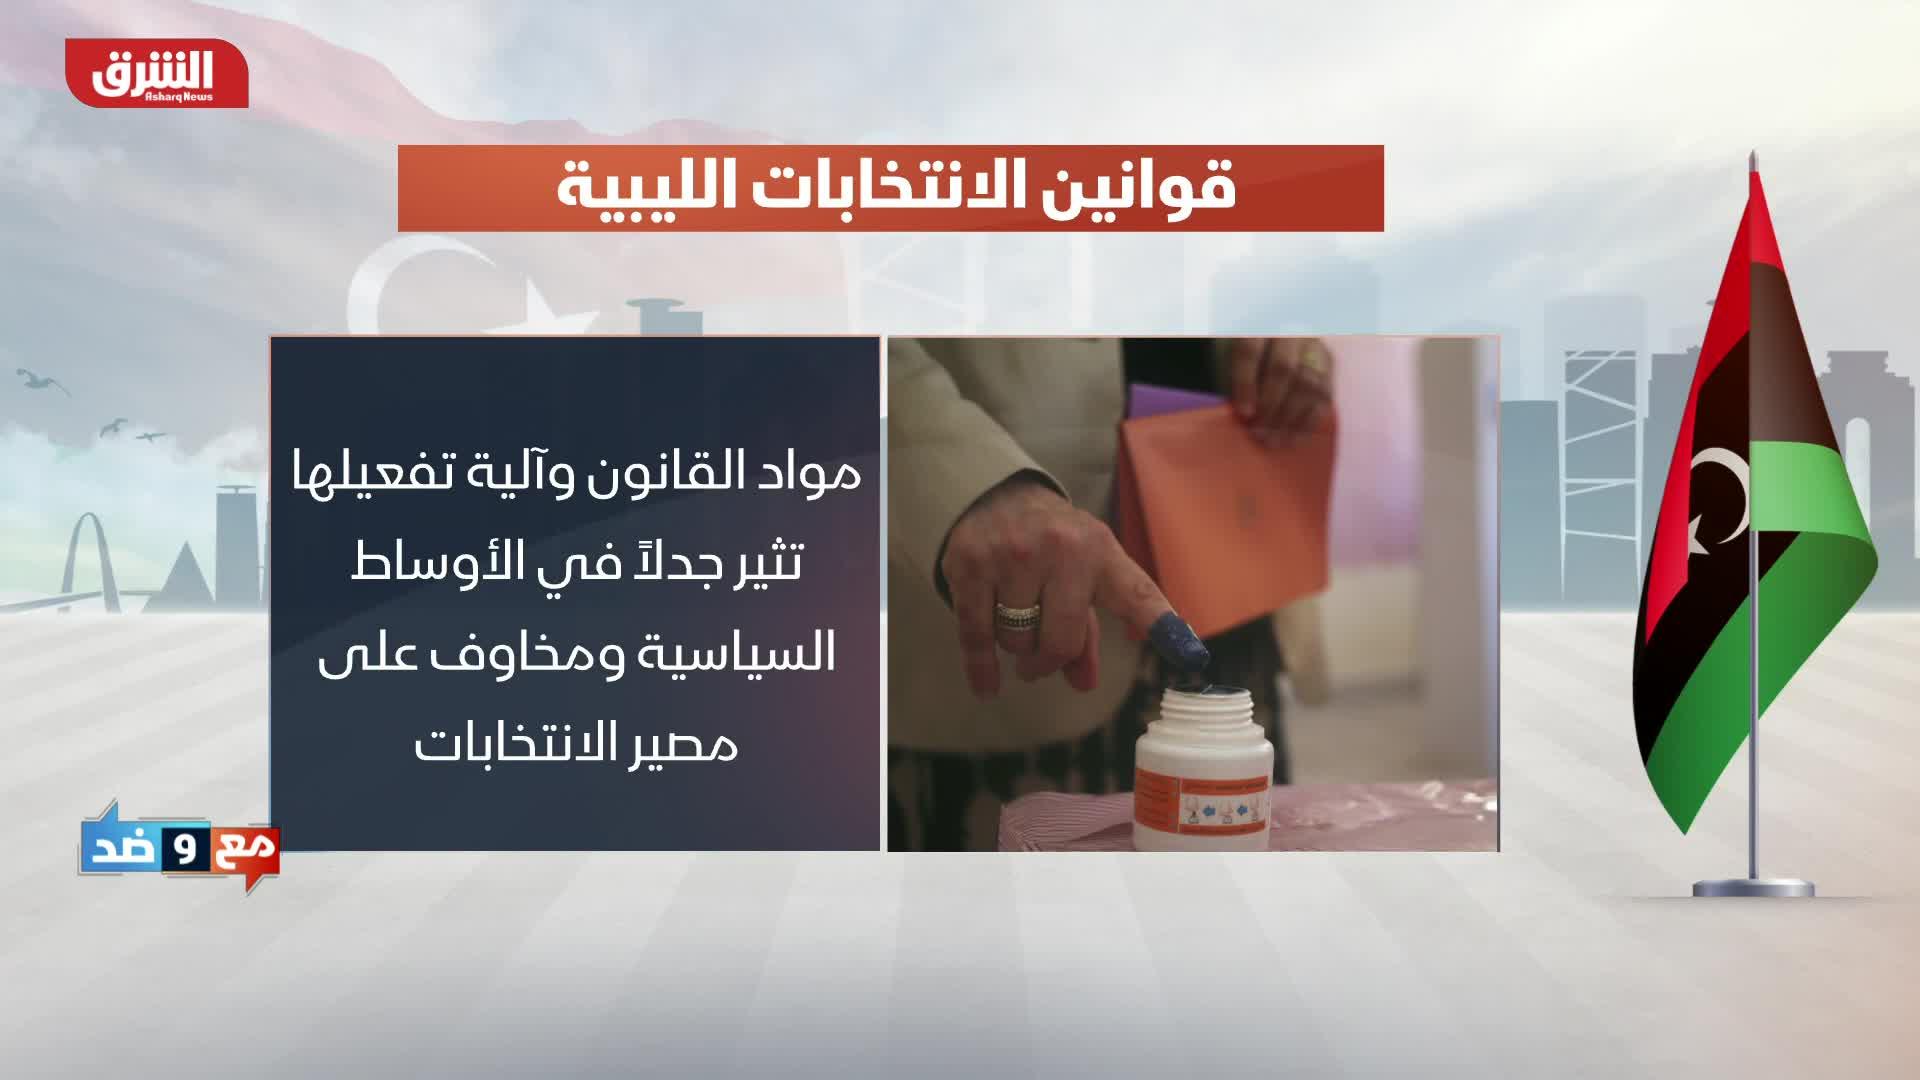 قوانين الانتخابات الليبية